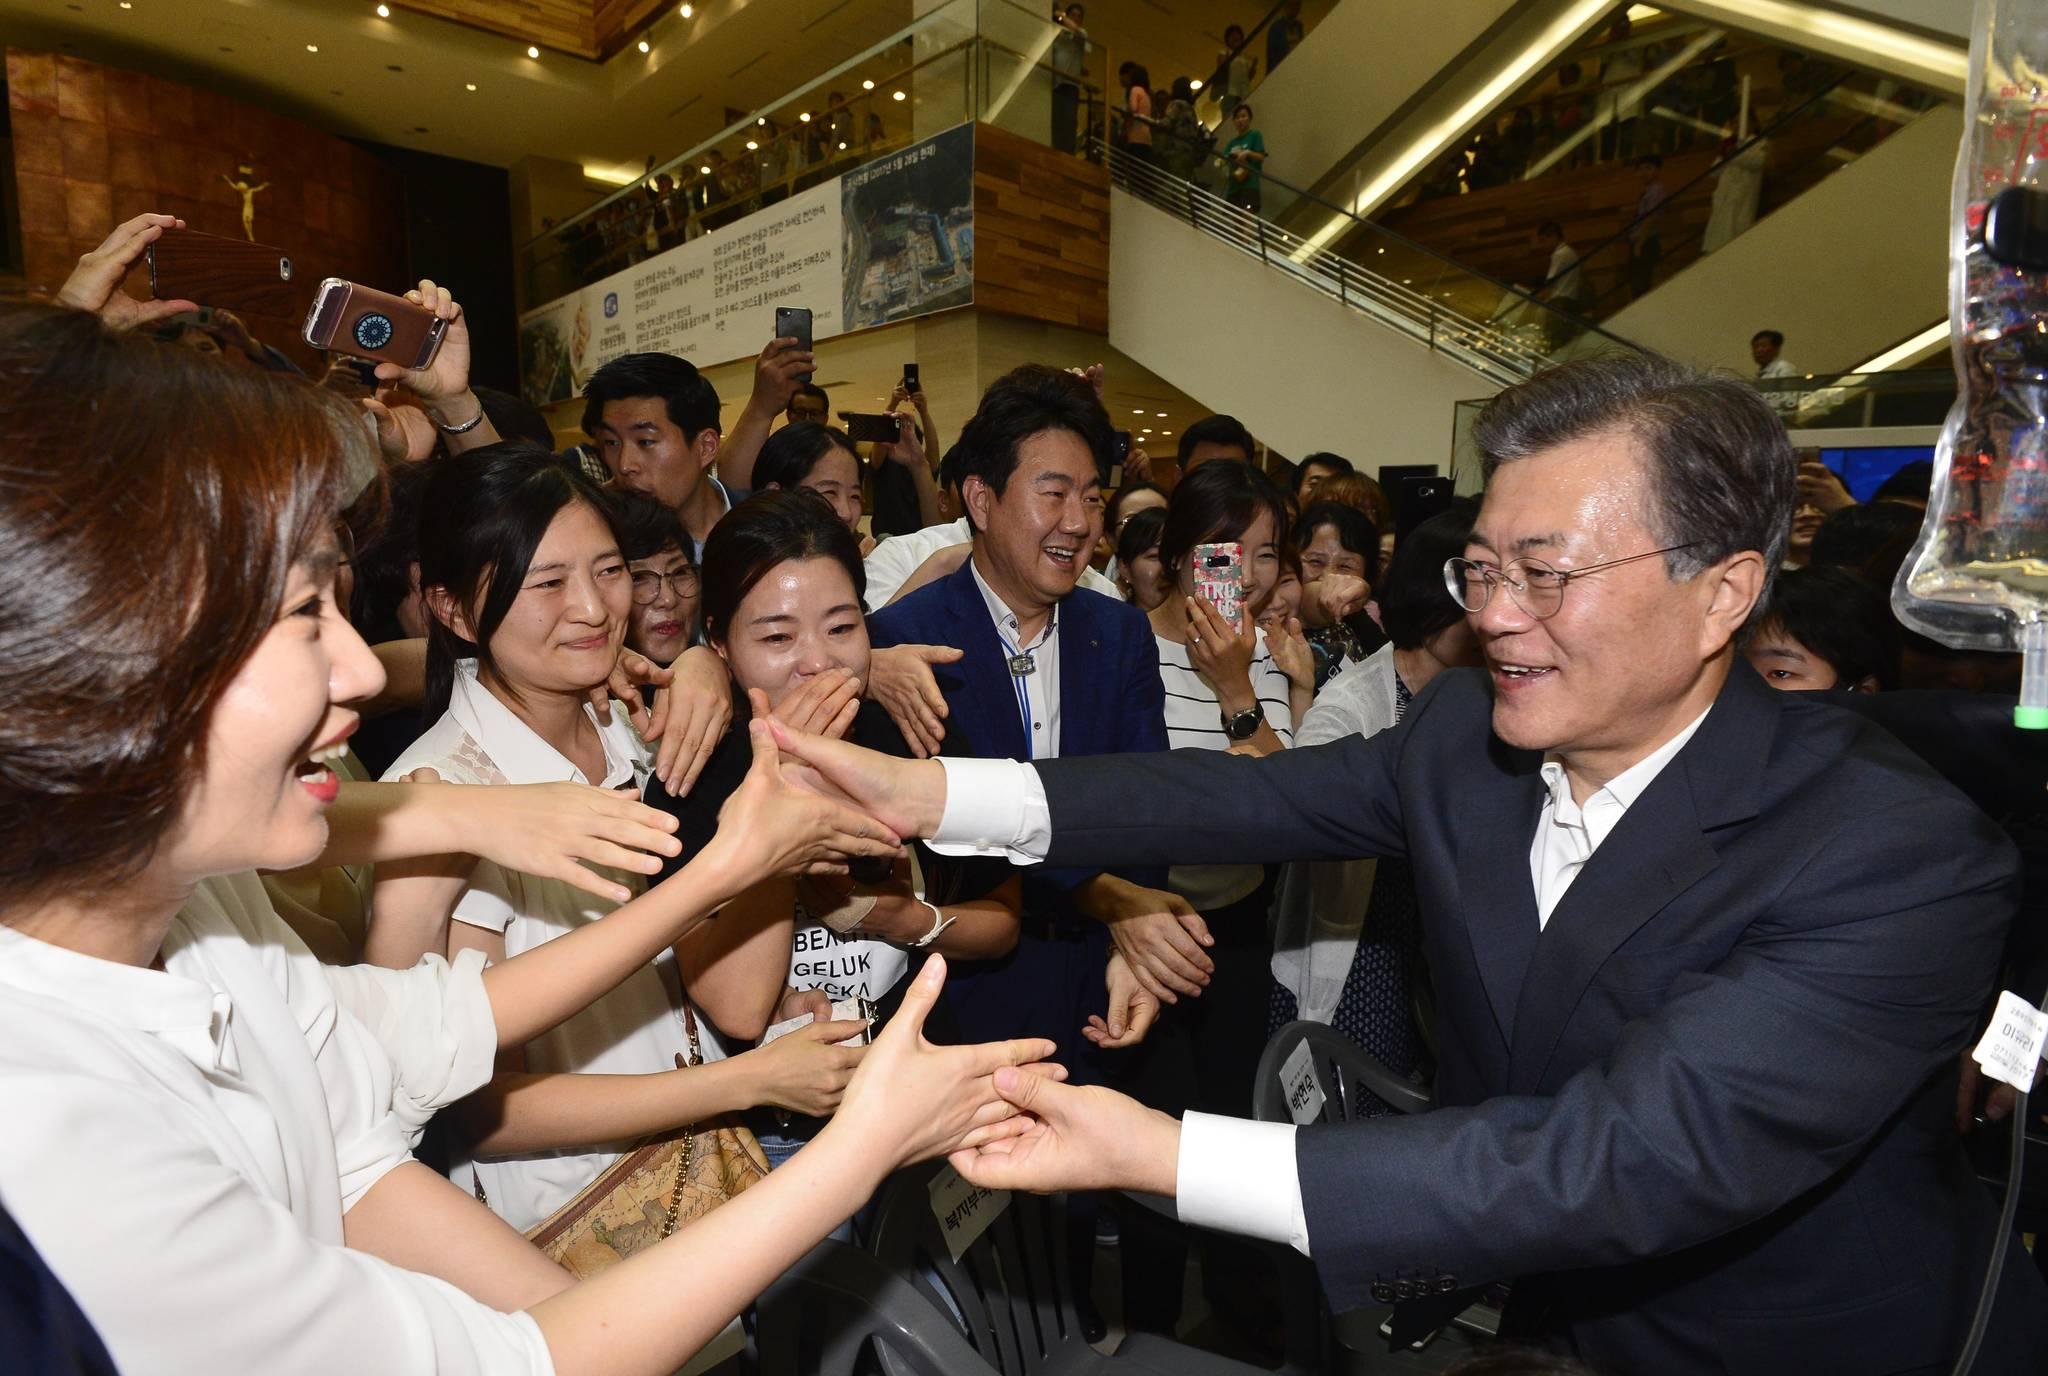 문재인 대통령이 지난해 8월 9일 서울 서초구 서울성모병원에서 건강보험보장강화에 대한 발표를 마친 후 환자와 보호자, 의사등과 인사를 하고 있다. 김상선 기자